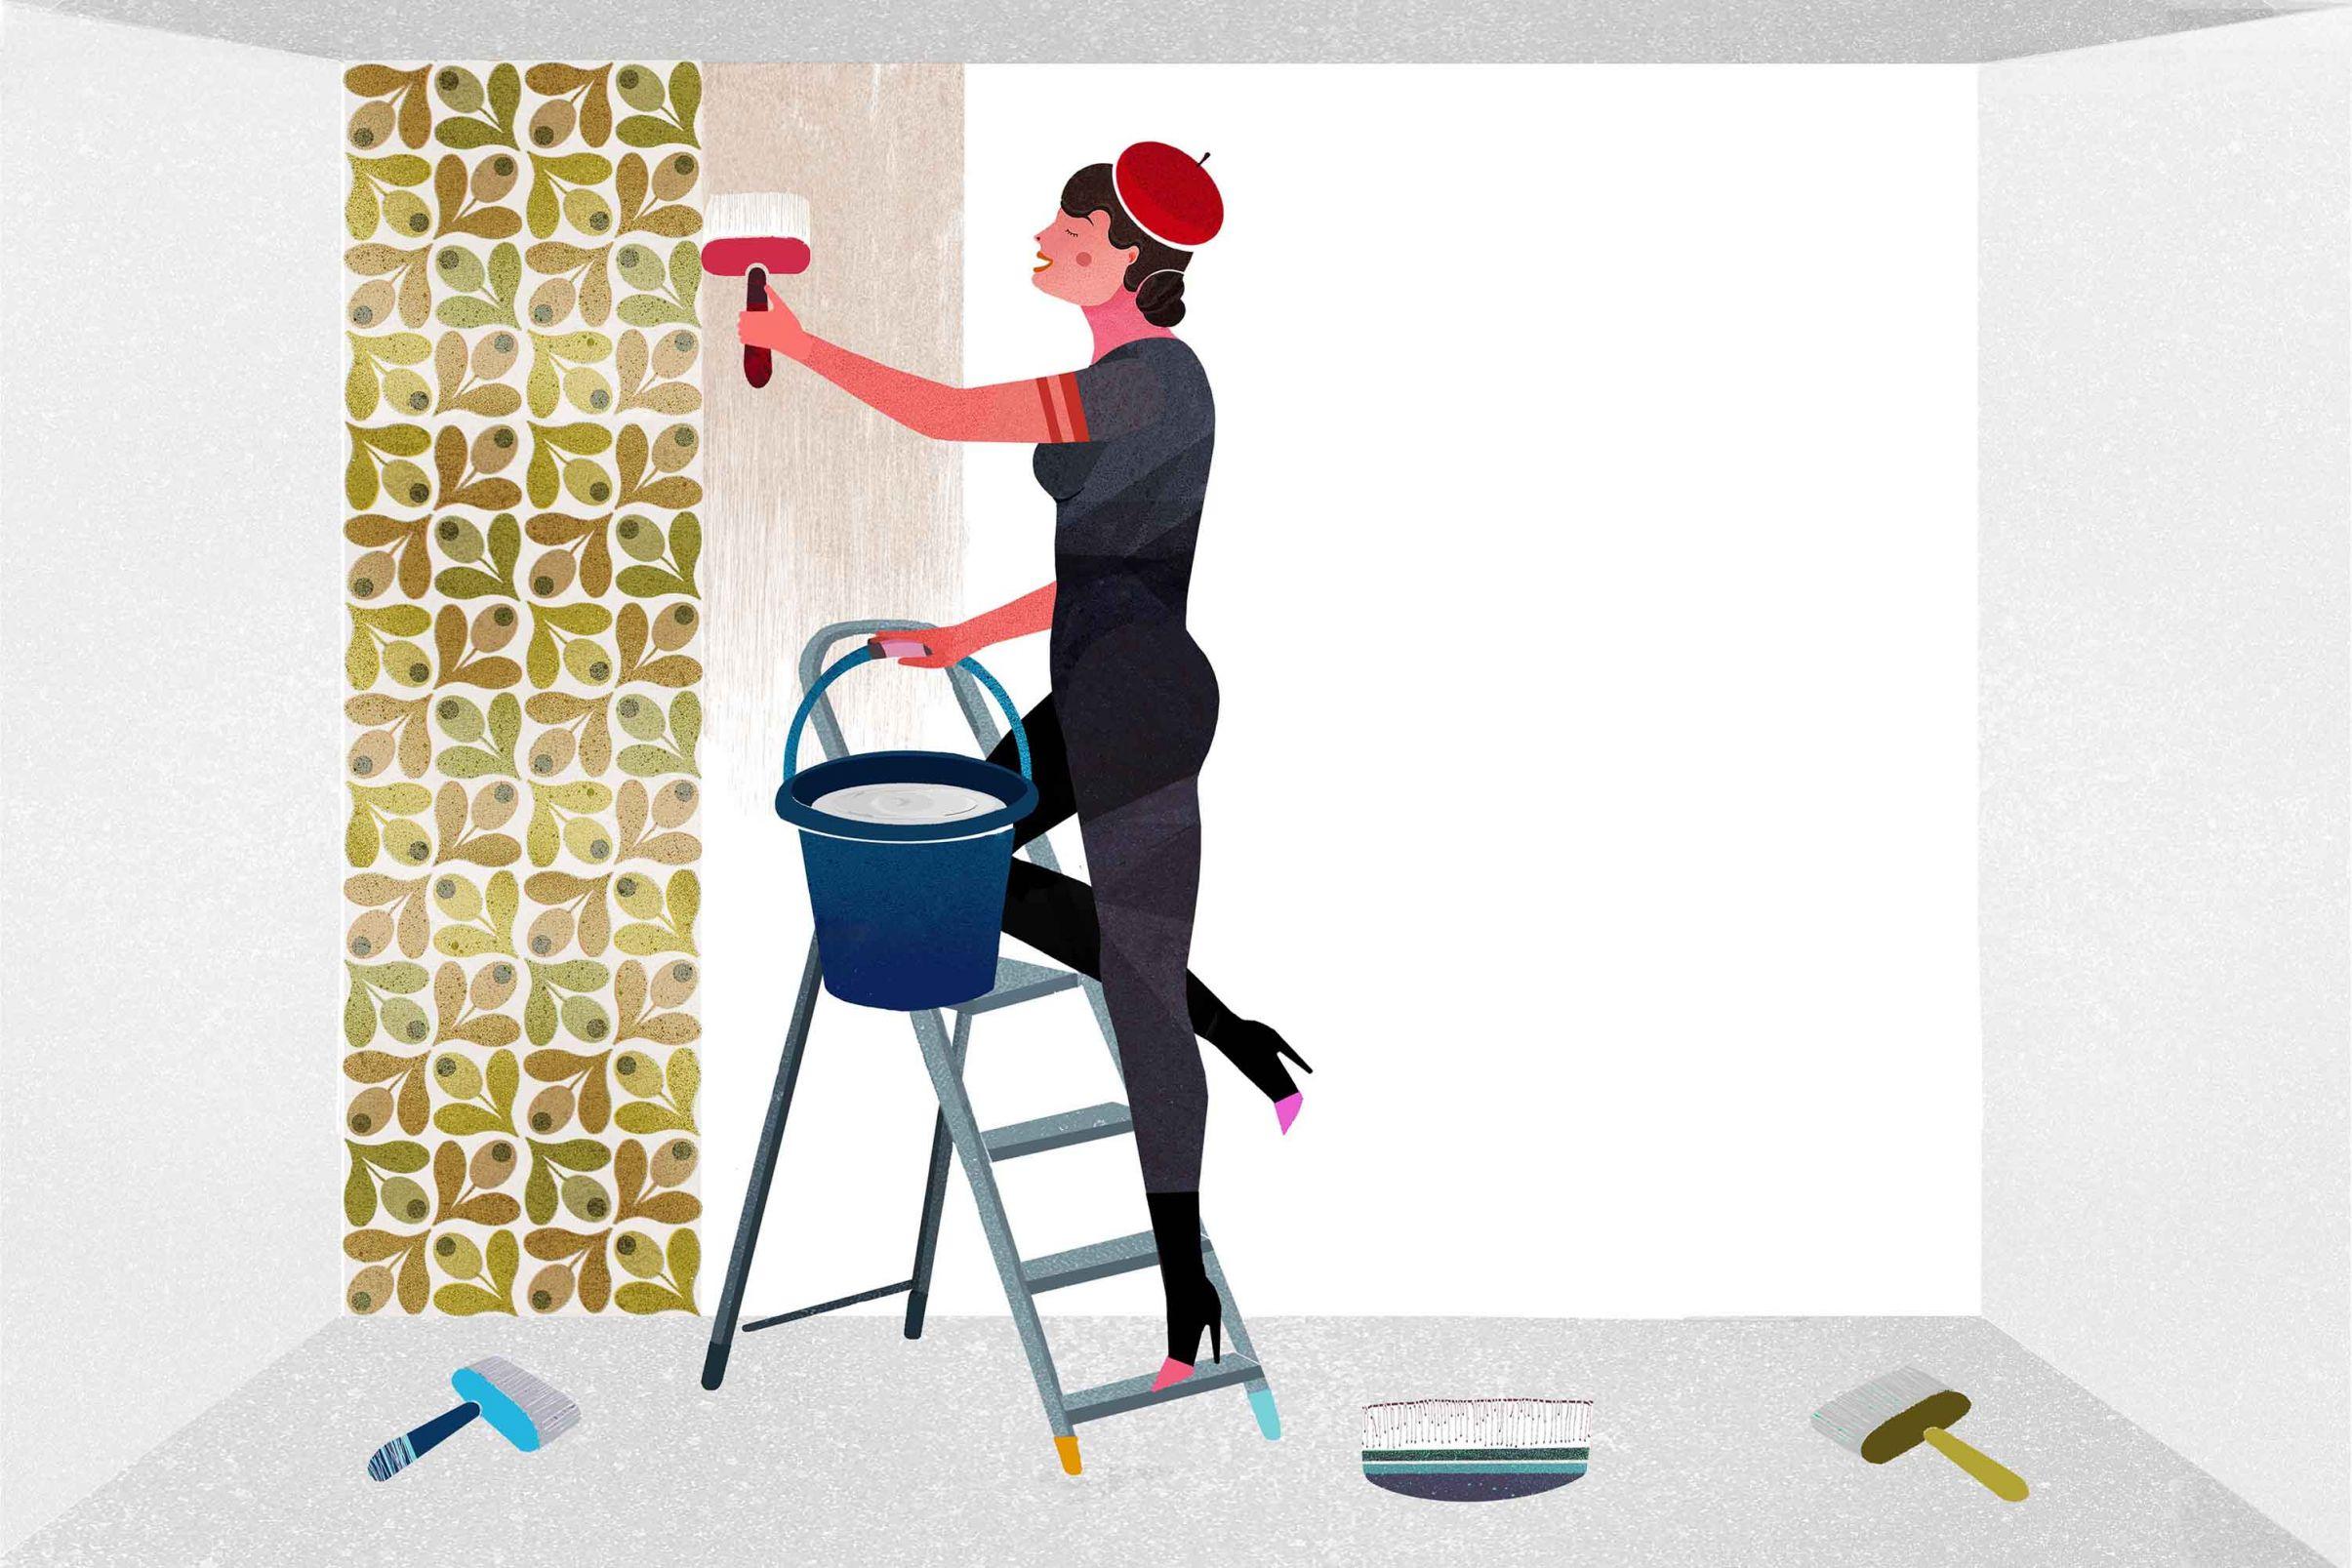 Comment-poser-un-papier-peint-intisse-Encoller-le-mur